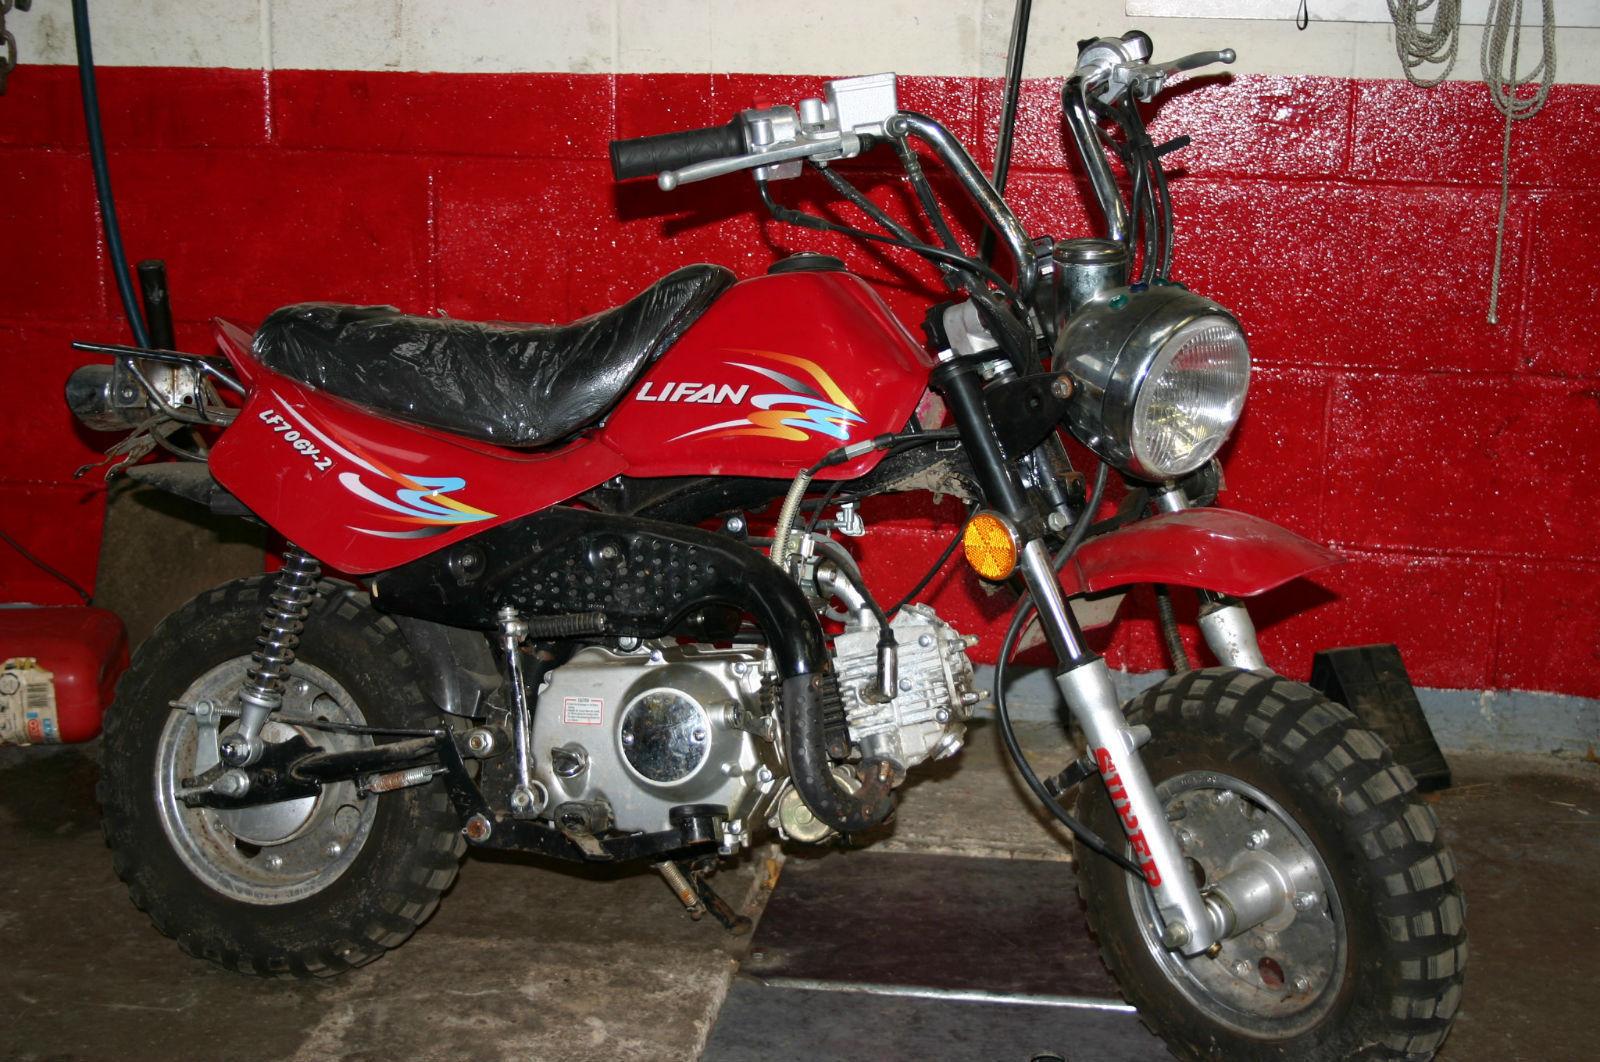 2007 LIFAN LF 110 GY-E MONKEYBIKE Monkey Bike BLACK